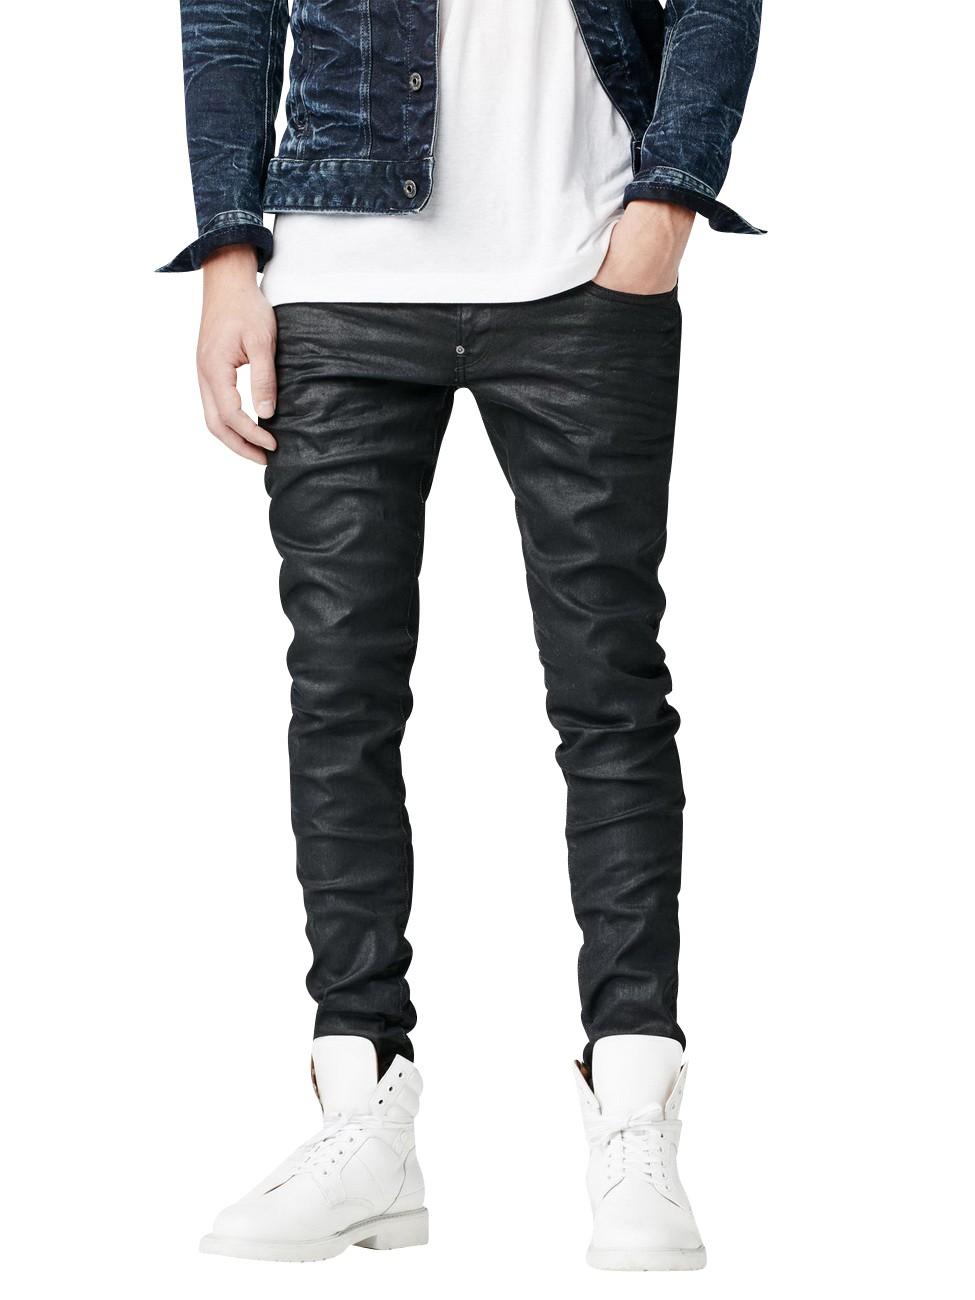 G-Star Herren Jeans Revend - Super Slim Fit - 3D Dark Aged kaufen ... 89edcad001